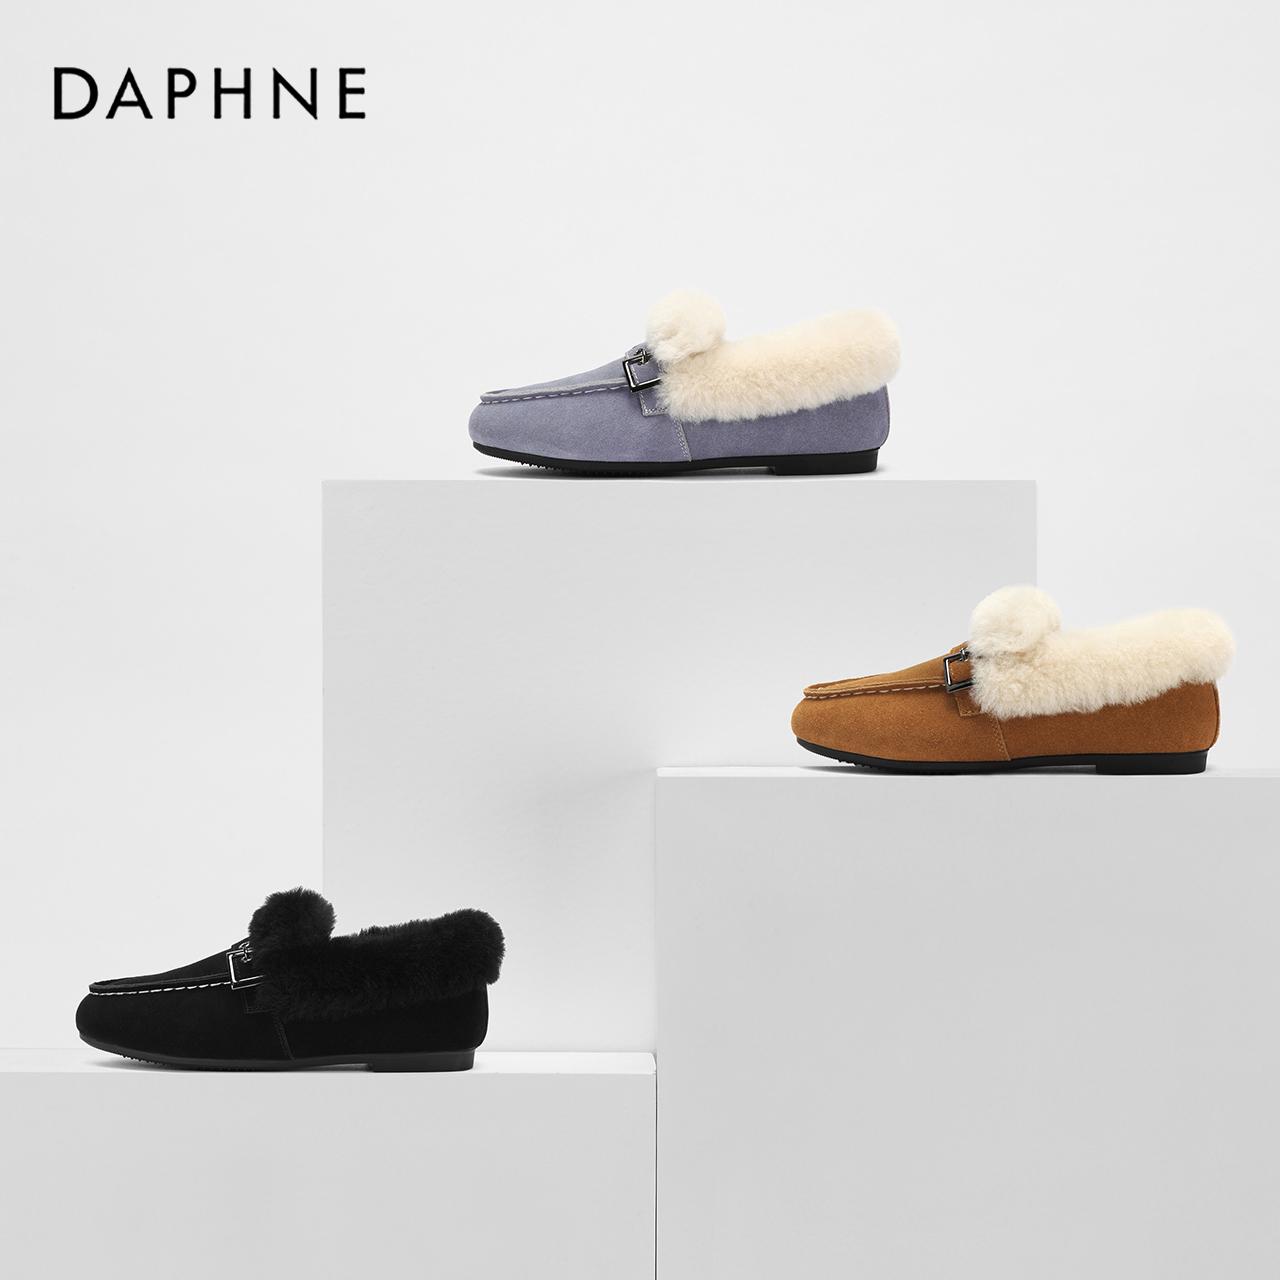 冬新款牛反毛金属扣休闲甜美风毛毛鞋女 2018 达芙妮 Daphne